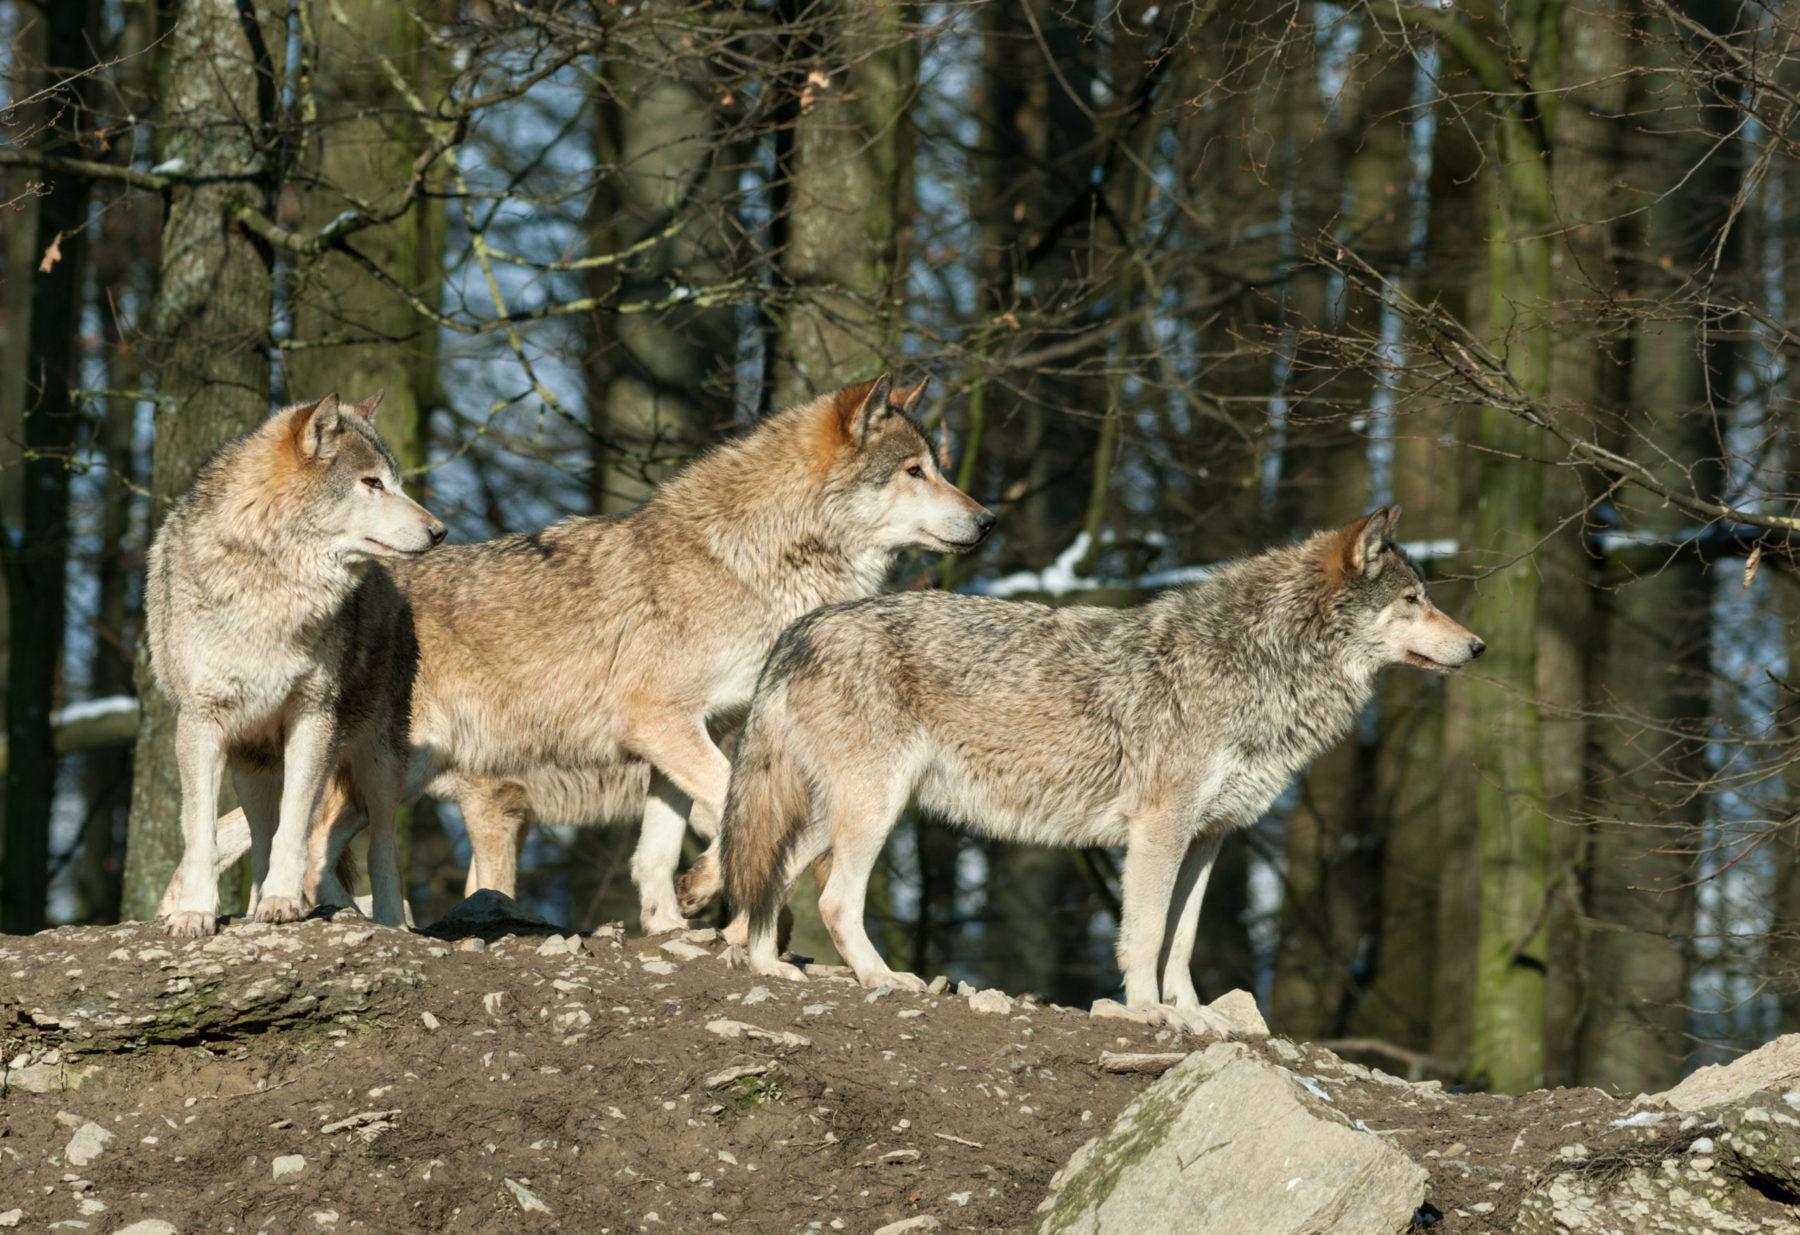 Image symbole : une meute de loups dans une forêt canadienne